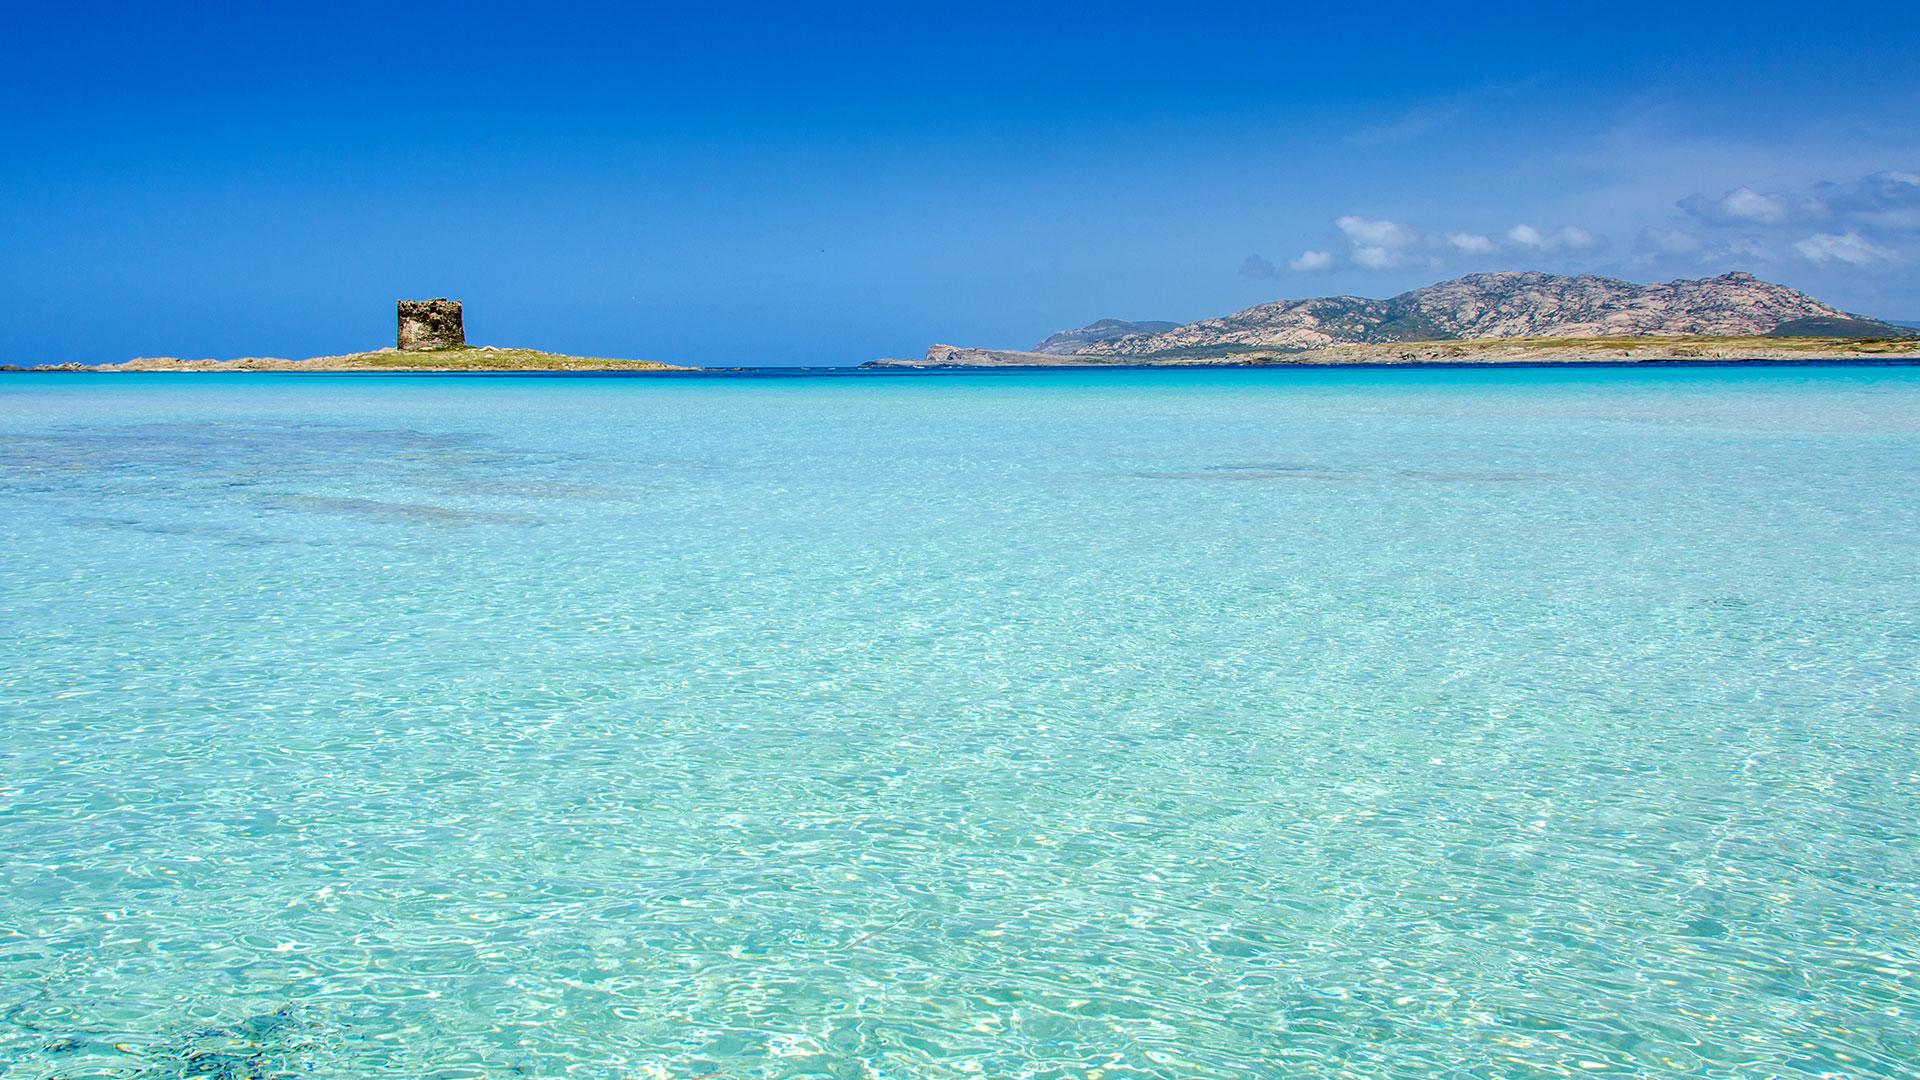 Vacanza nel nord della Sardegna, tra spiagge bianche e paradisi naturali